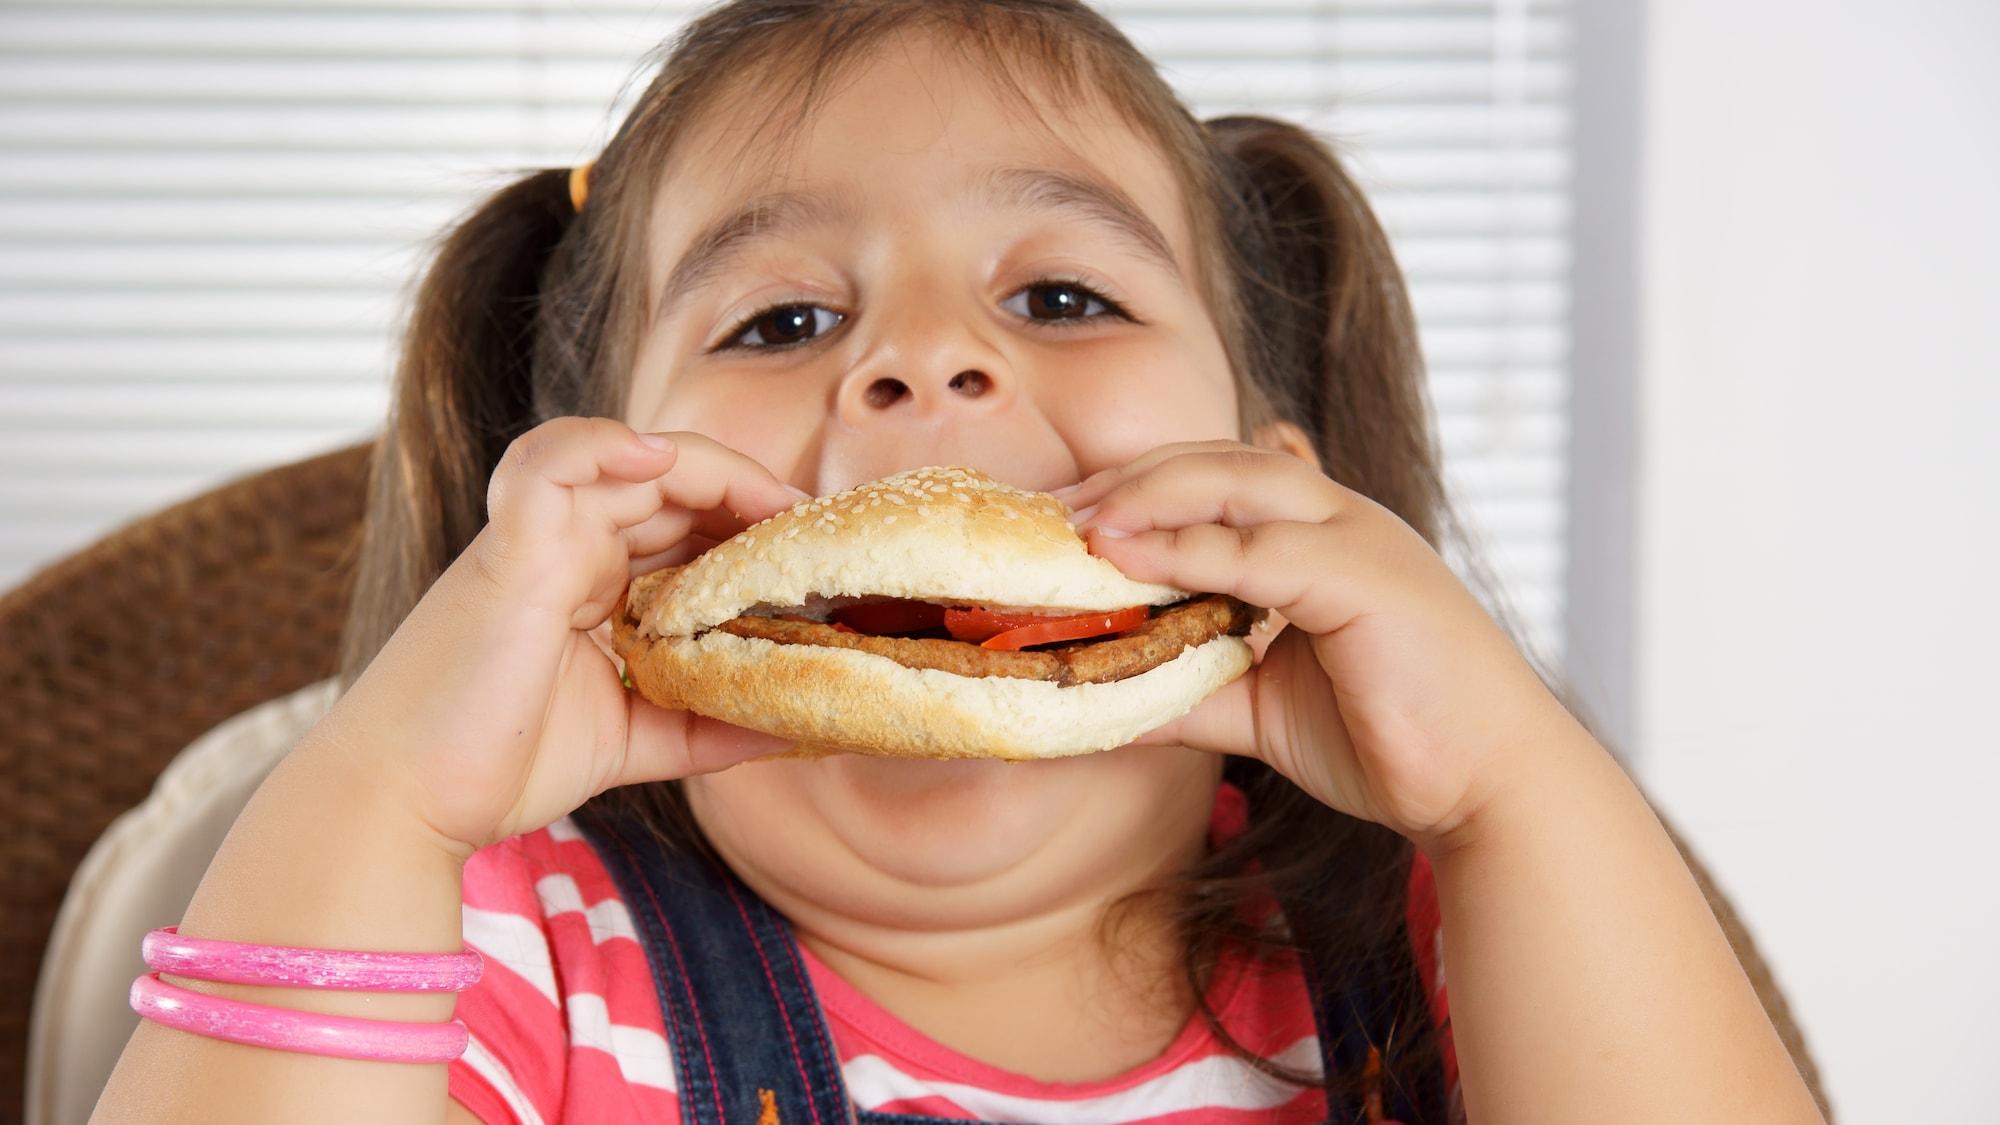 Schluss mit Diäten!: Darum müssen wir in Zukunft mehr essen